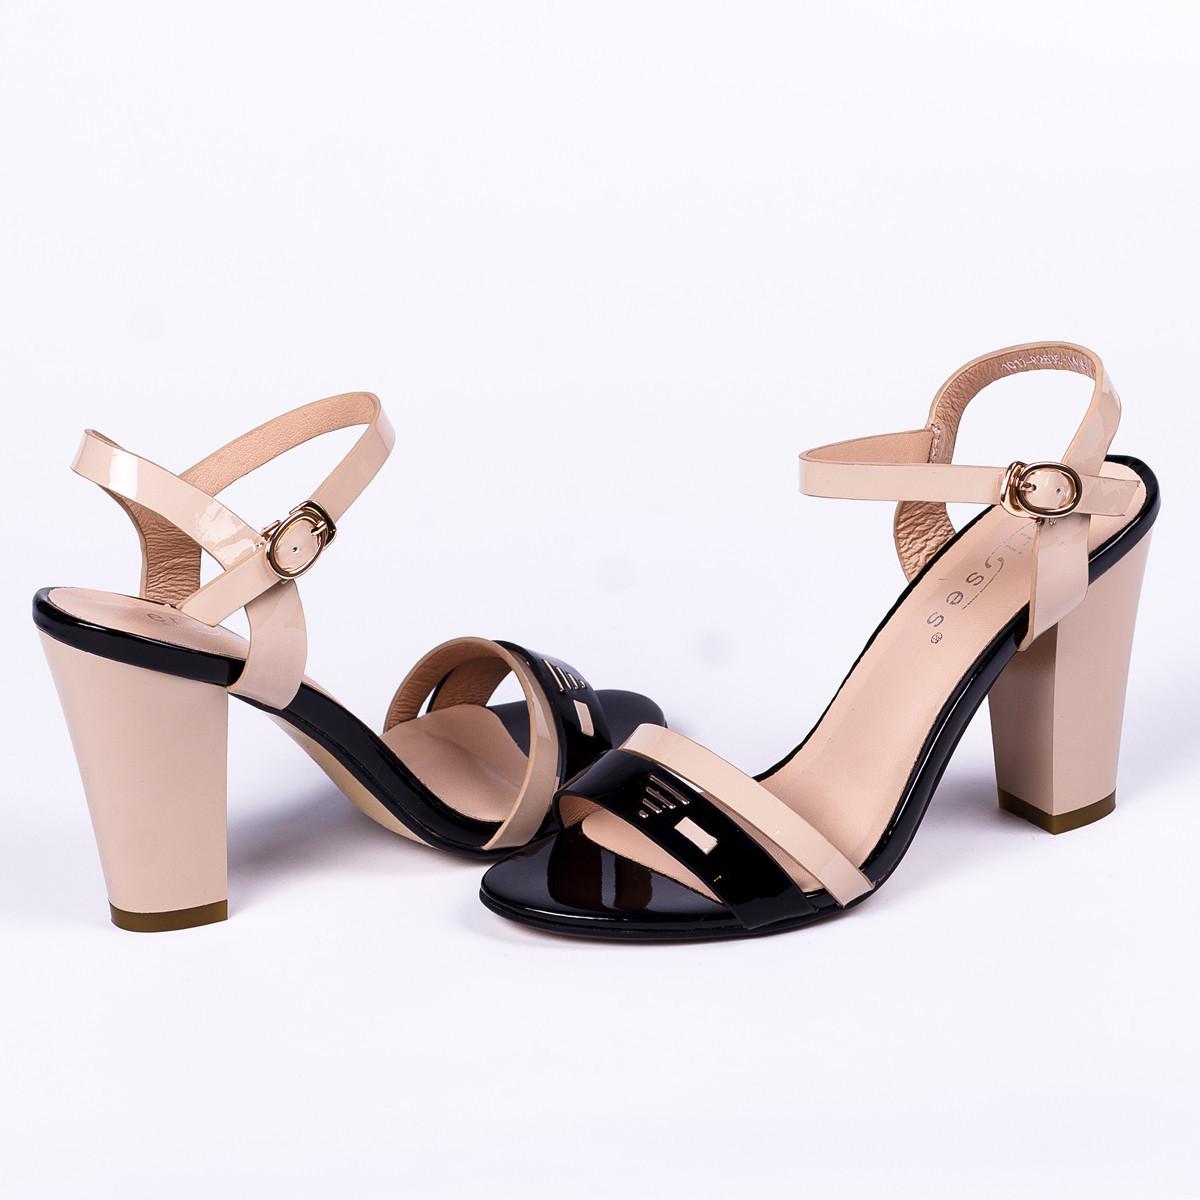 572d313c34829f Лаковые босоножки женские Erisses - Інтернет - магазин жіночого та  чоловічого взуття в Львовской области